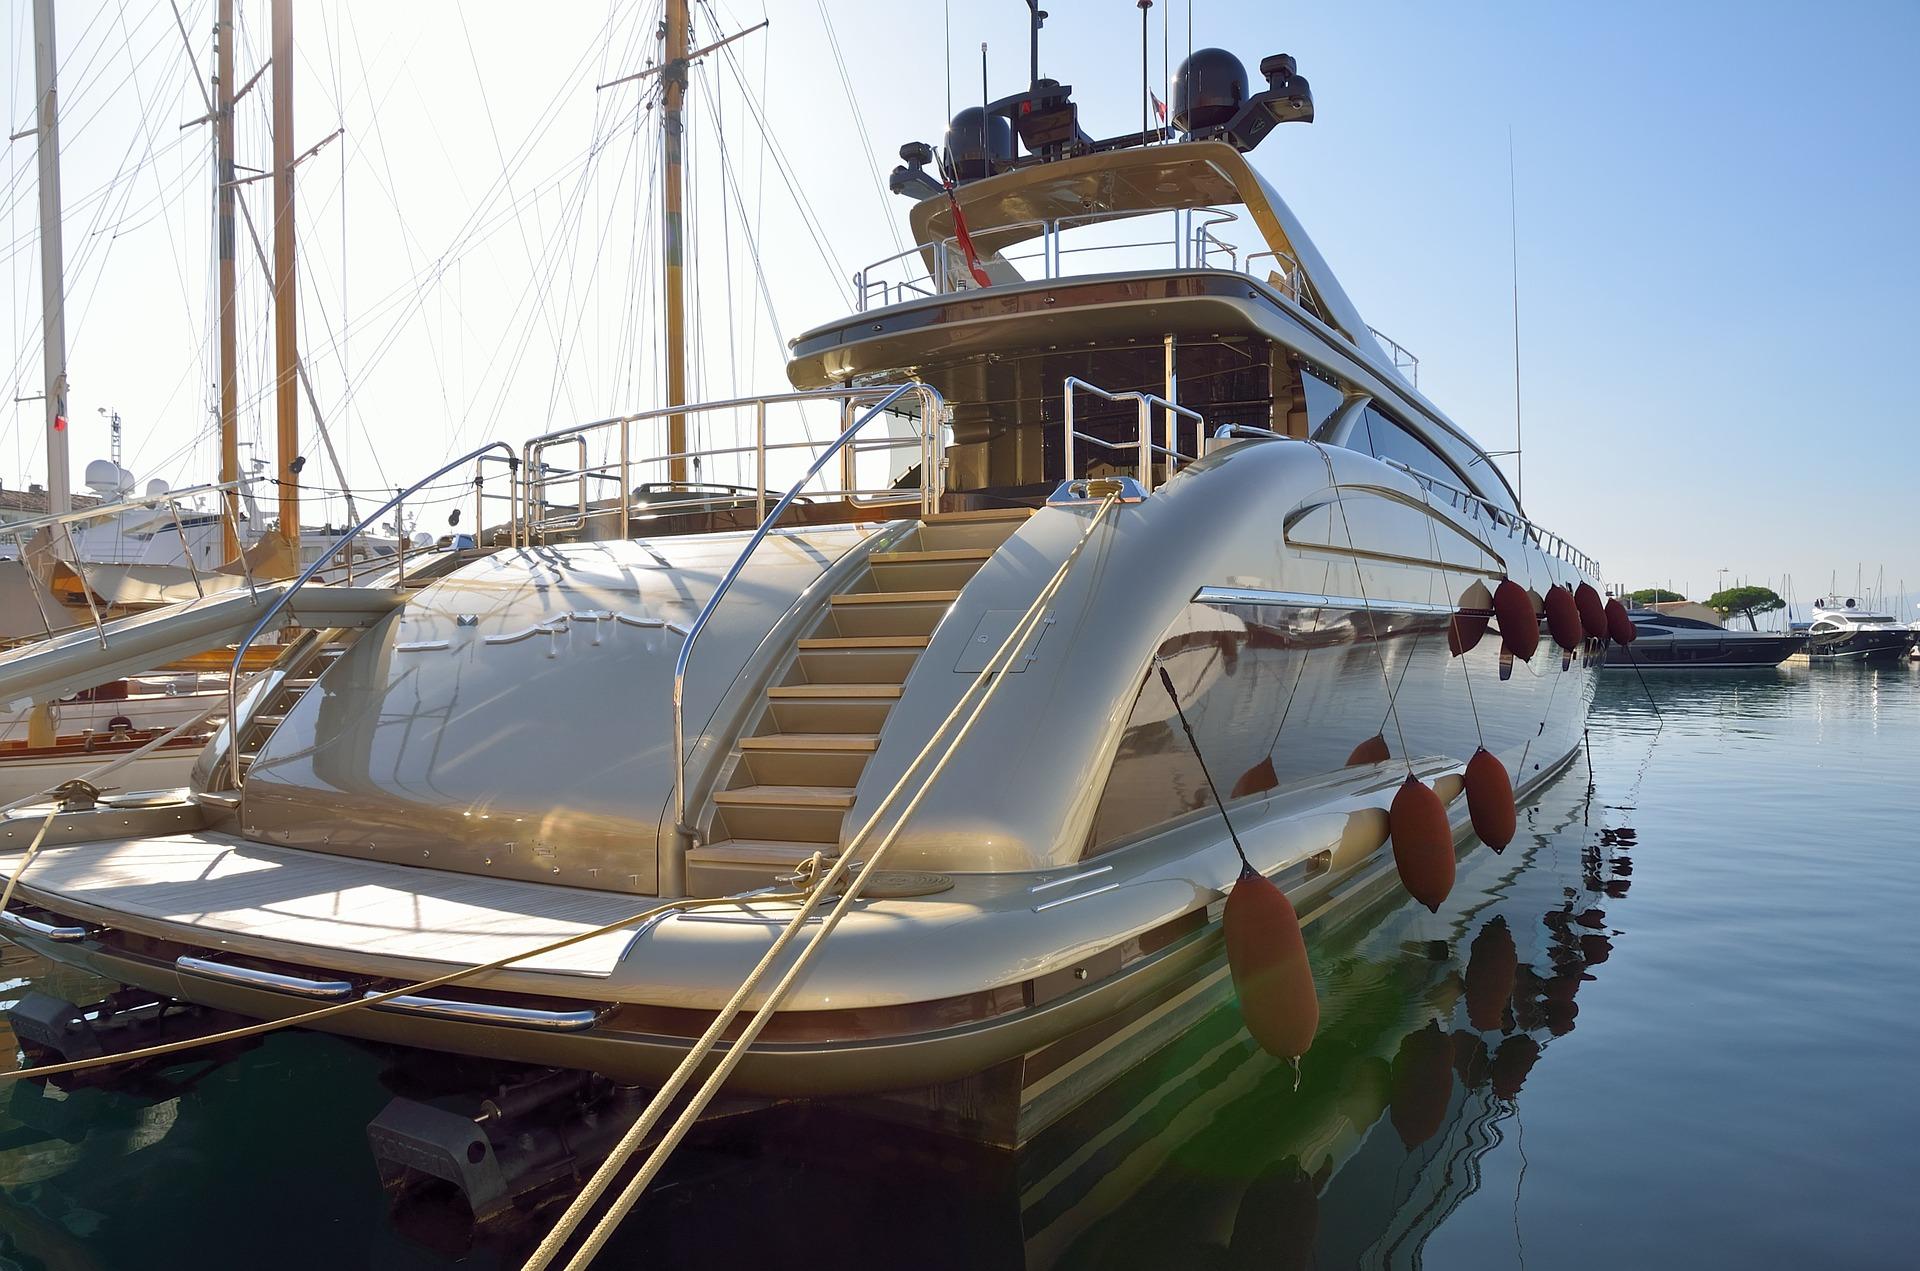 boat-1230051_1920